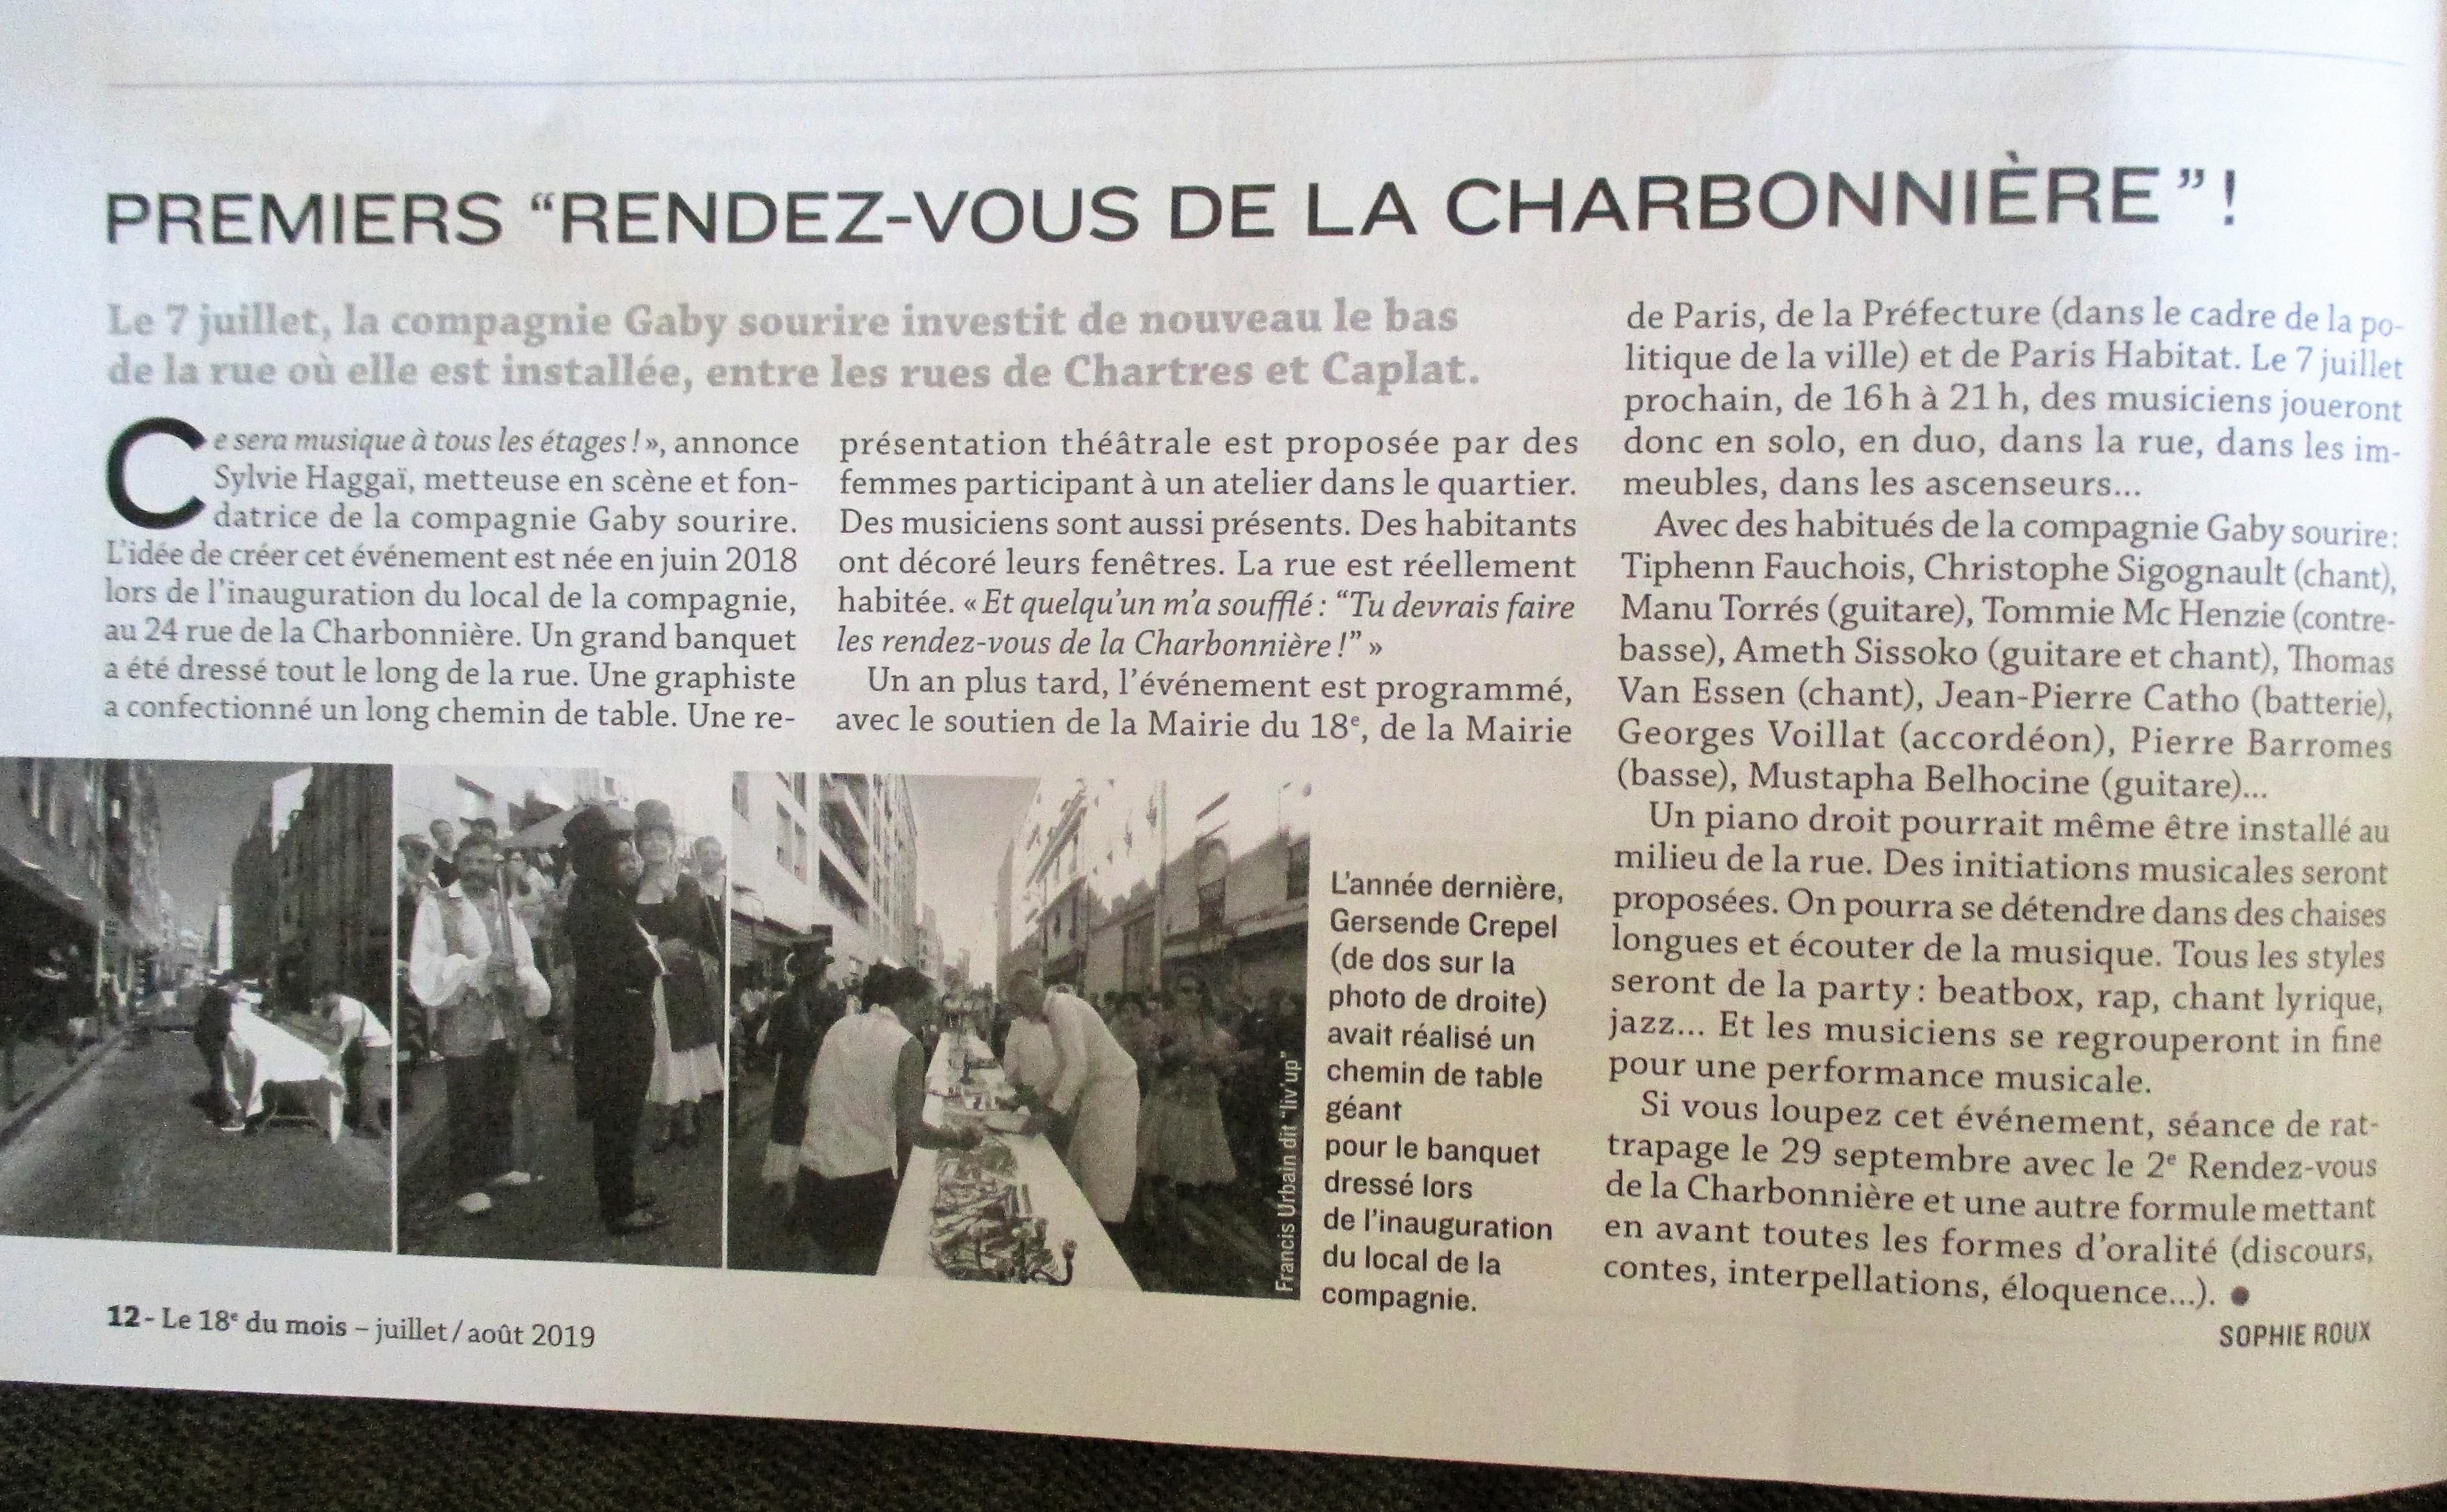 PREMIER RDV DE LA CHARBONNIERE